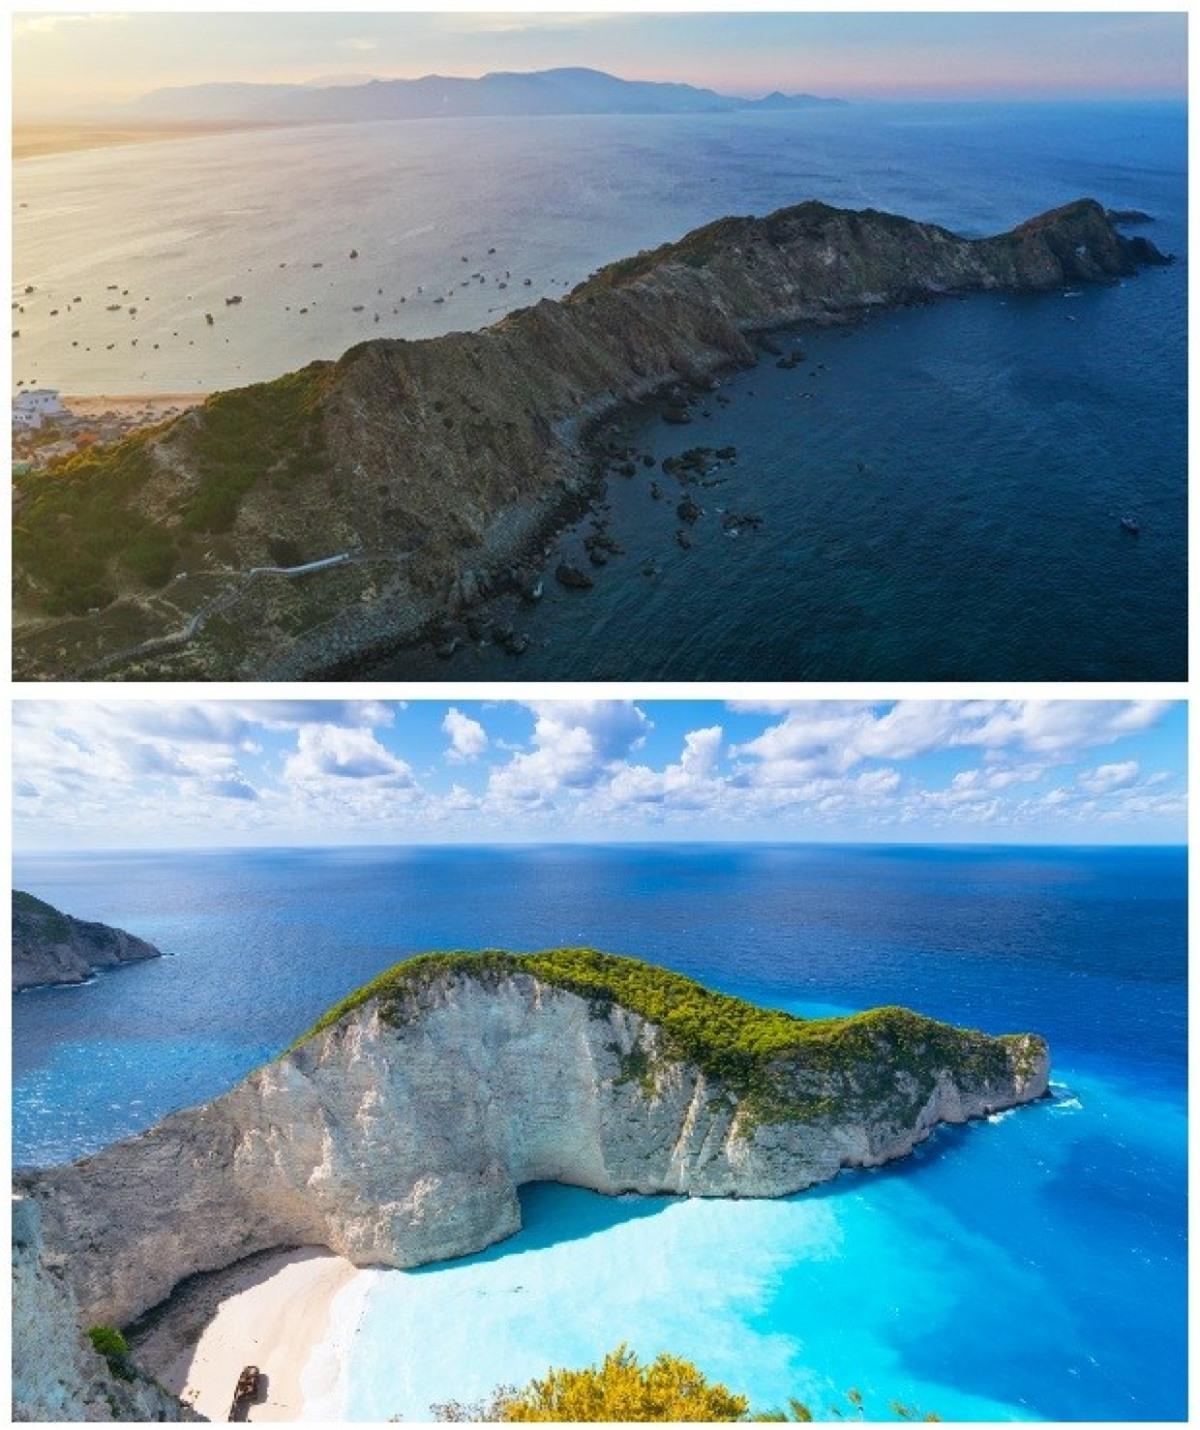 Eo Gió (trên) và bãi biển Navagio, Hy Lạp (dưới) nhìn từ trên cao.